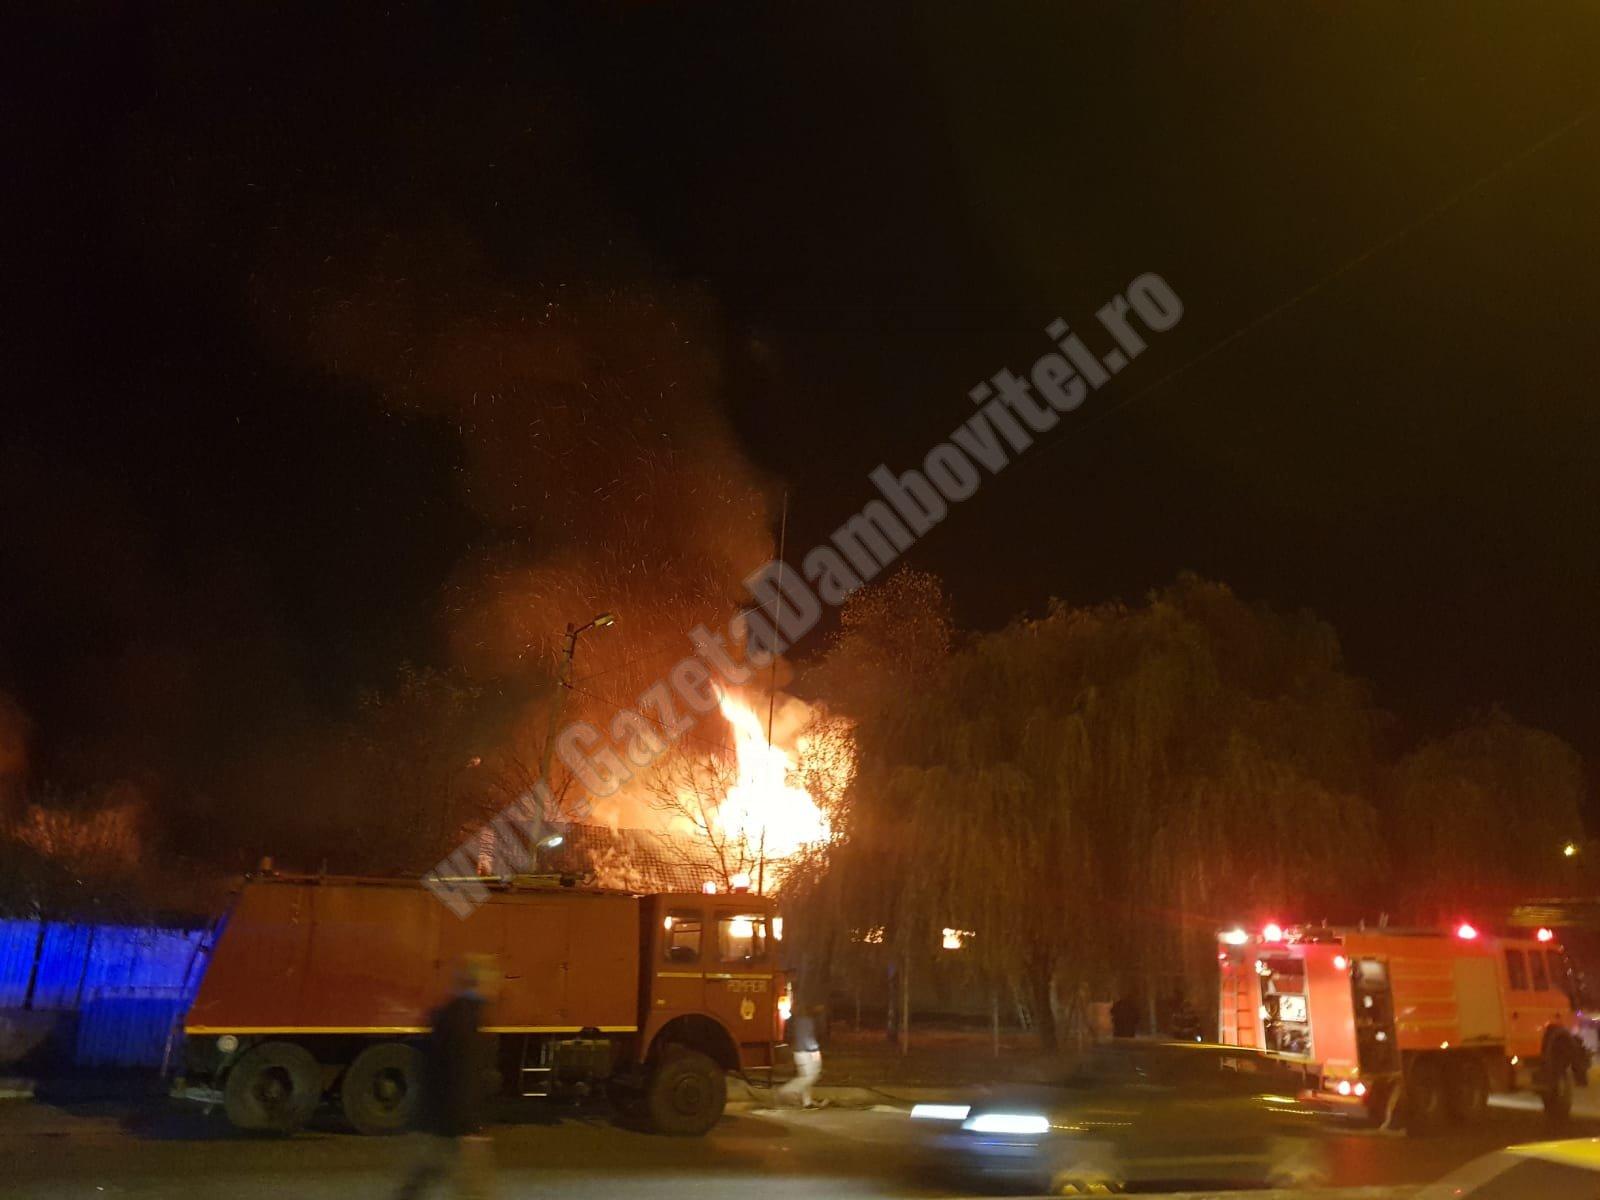 """TÂRGOVIȘTE: Fabrica de mobilă """"Nicu Canapele"""" a ars în această seară. În zonă nu sunt hidranți funționali"""